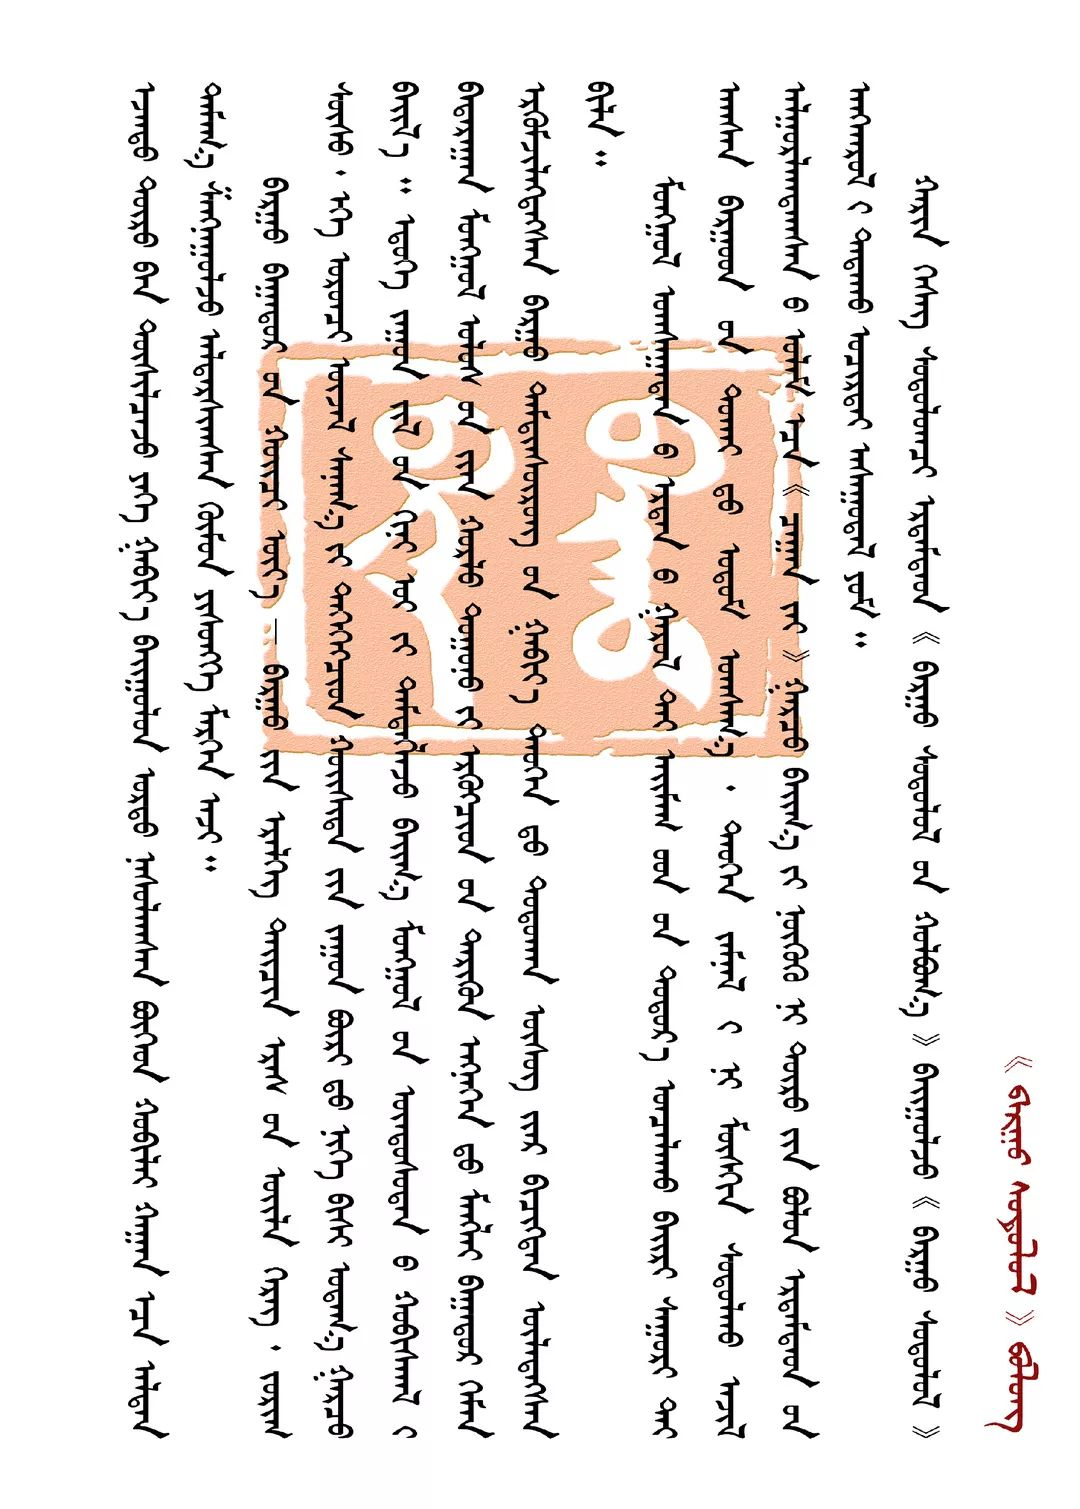 巴尔虎研究 【第三期】 第12张 巴尔虎研究 【第三期】 蒙古文化